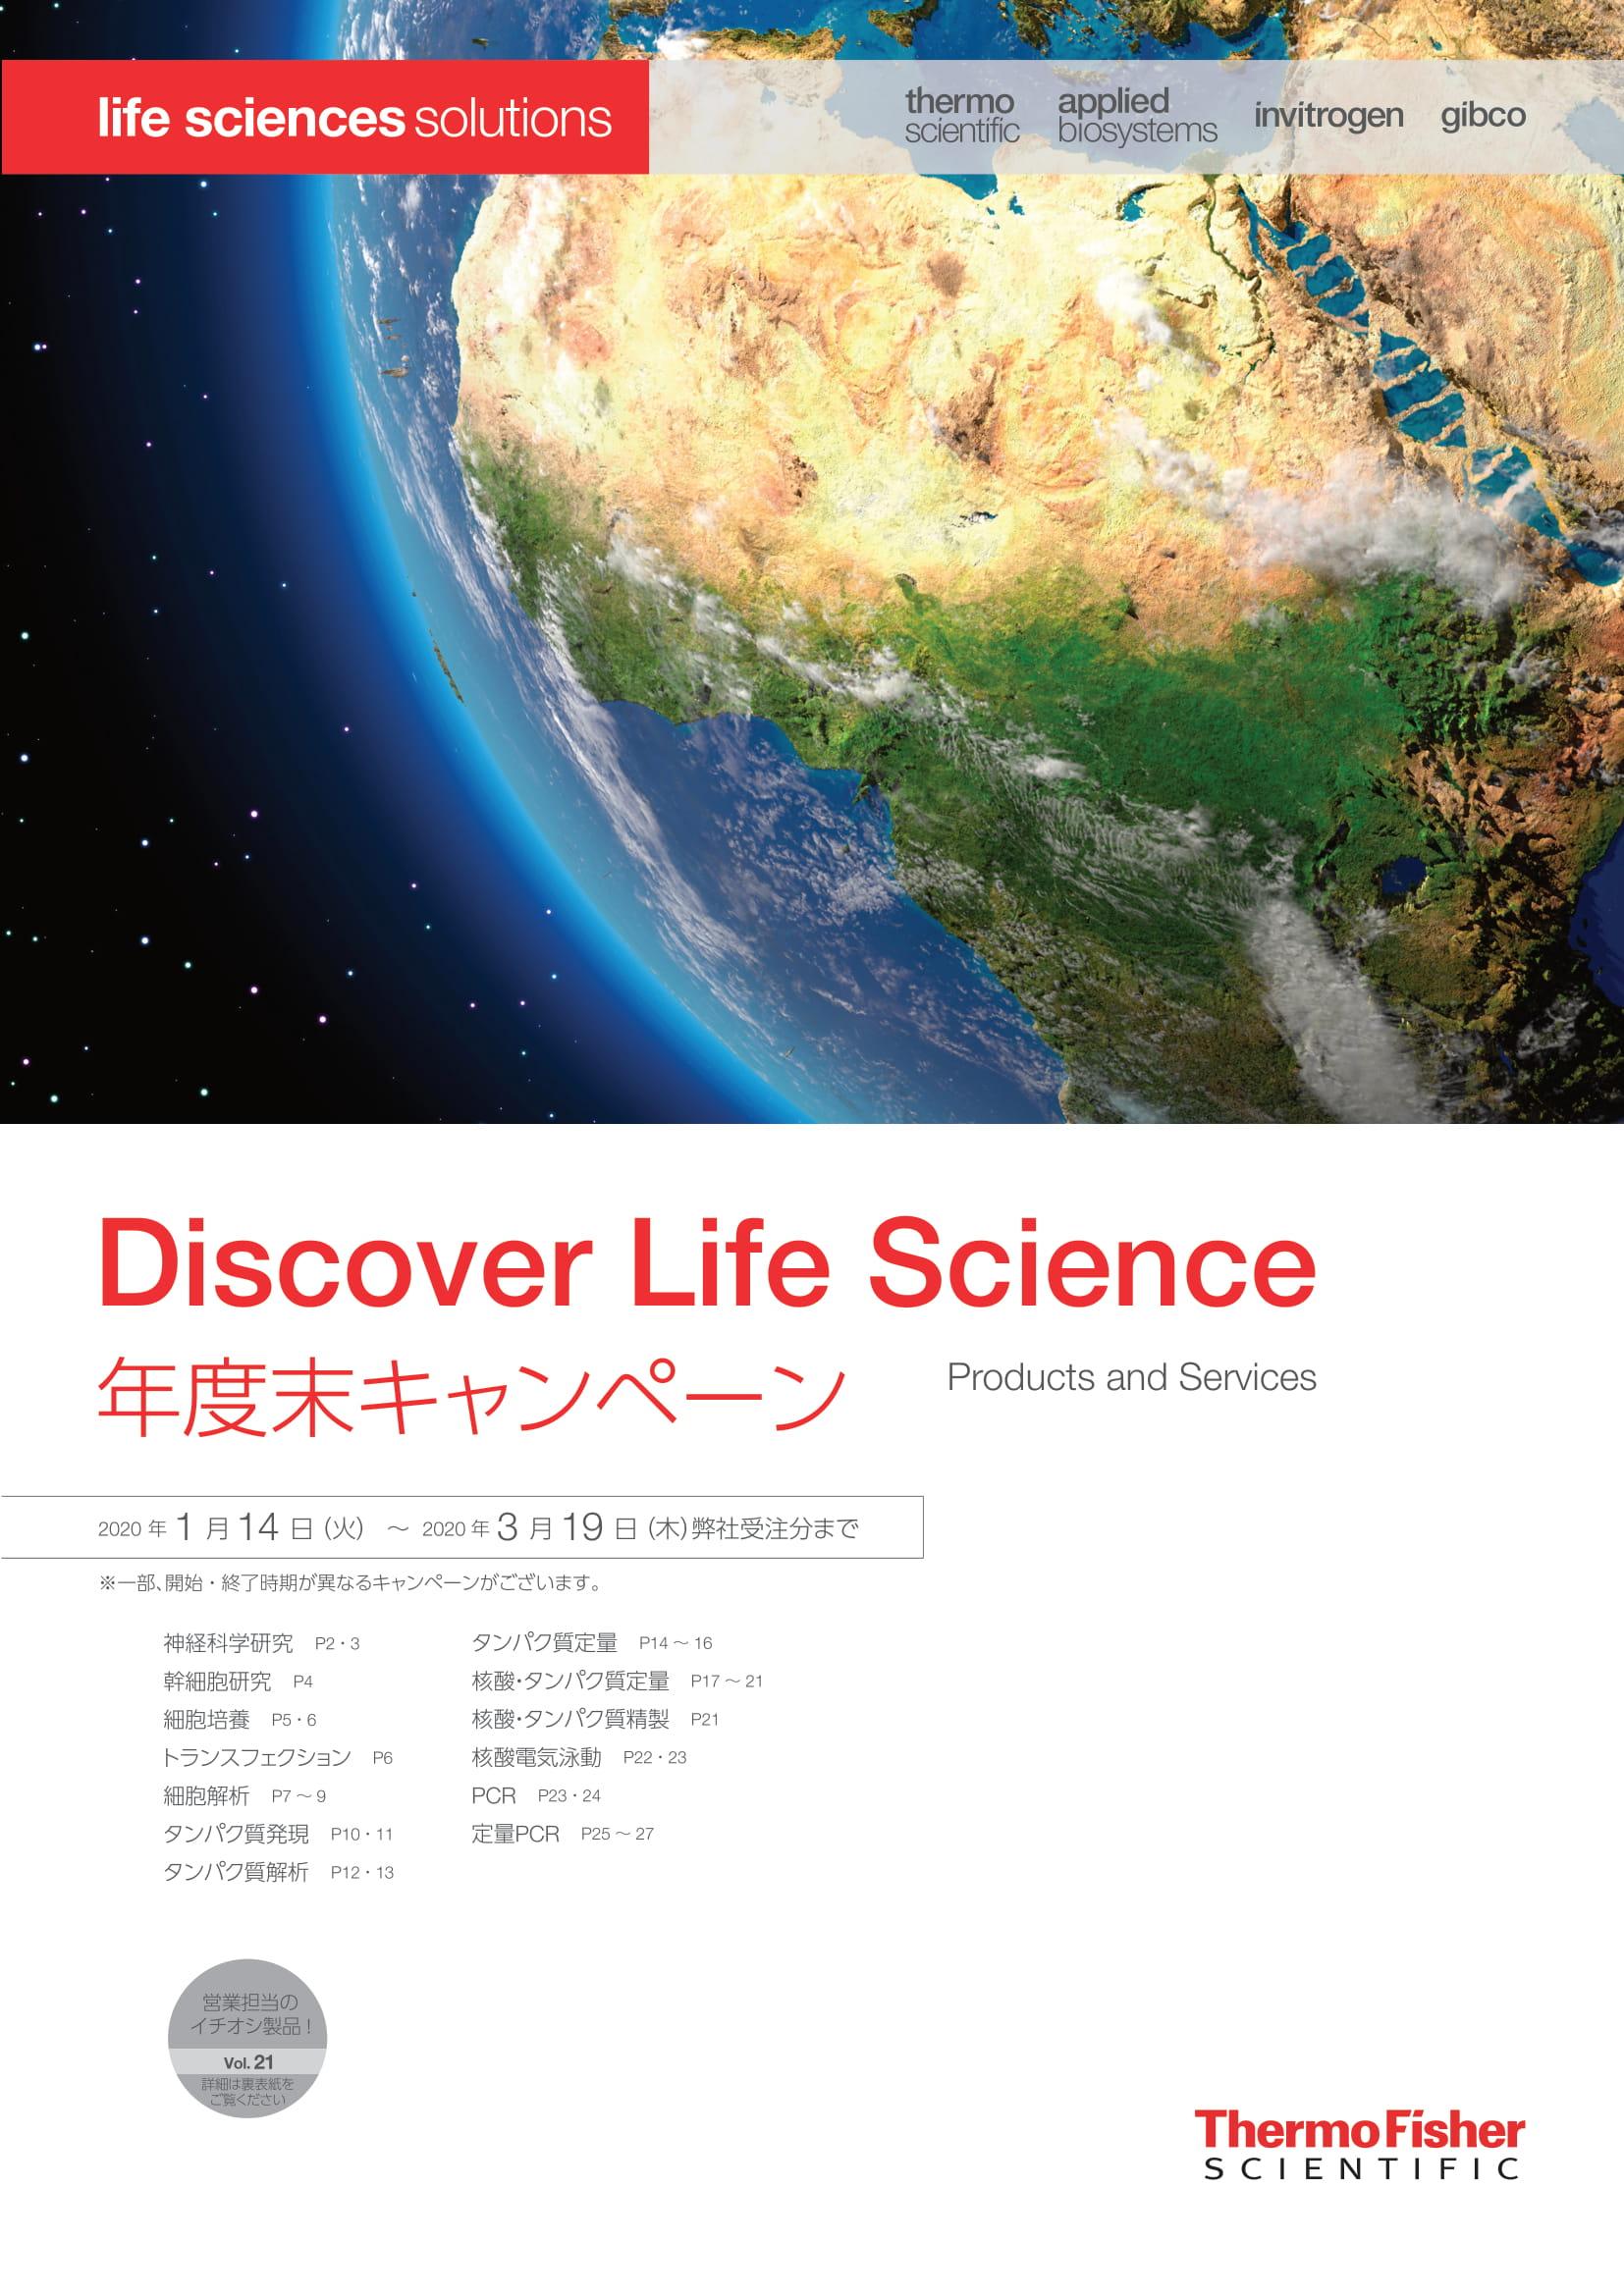 【終了】サーモフィッシャー Discover Life Science 年度末キャンペーン!